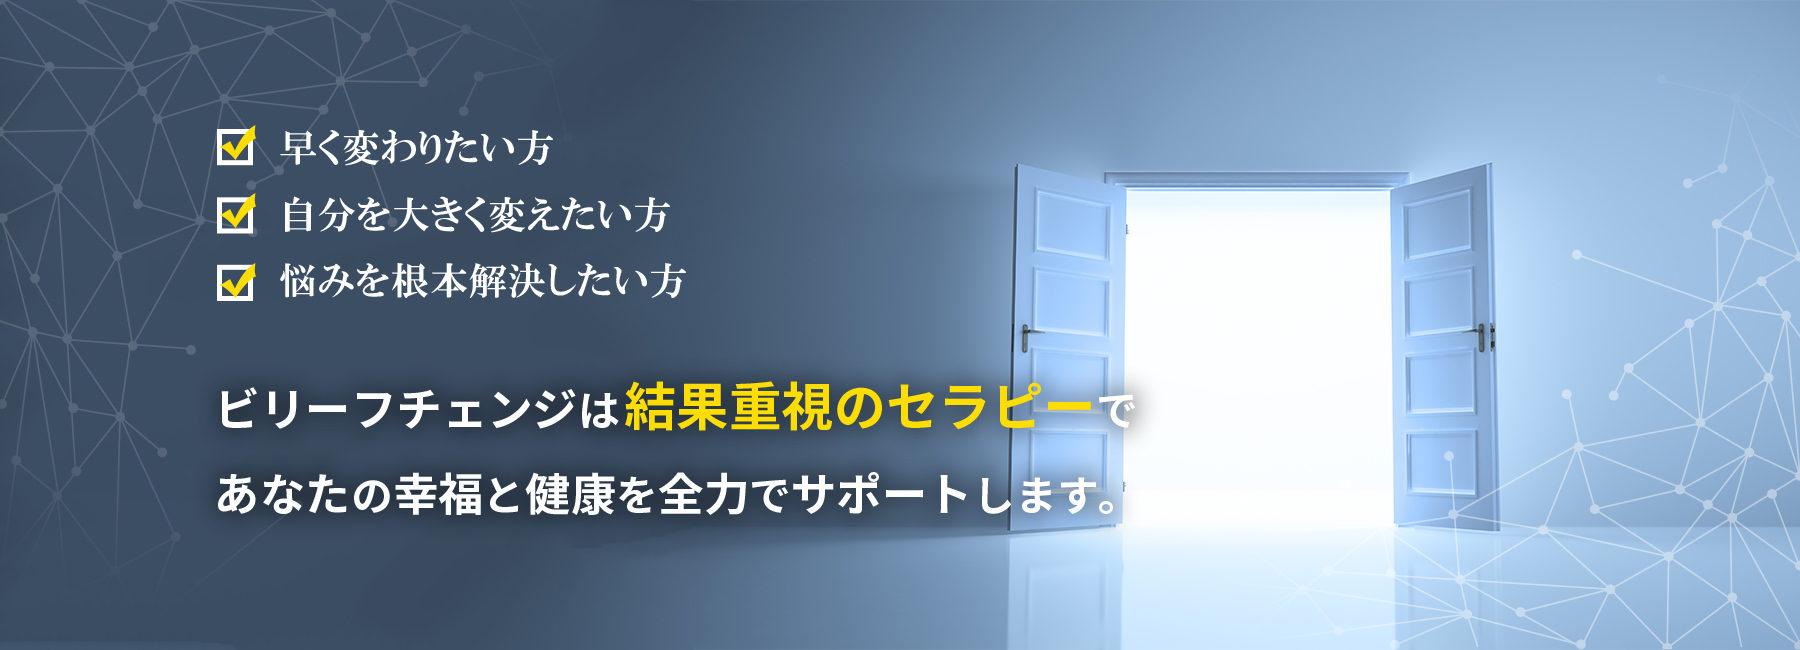 日本プロセラピスト養成協会 スライド1